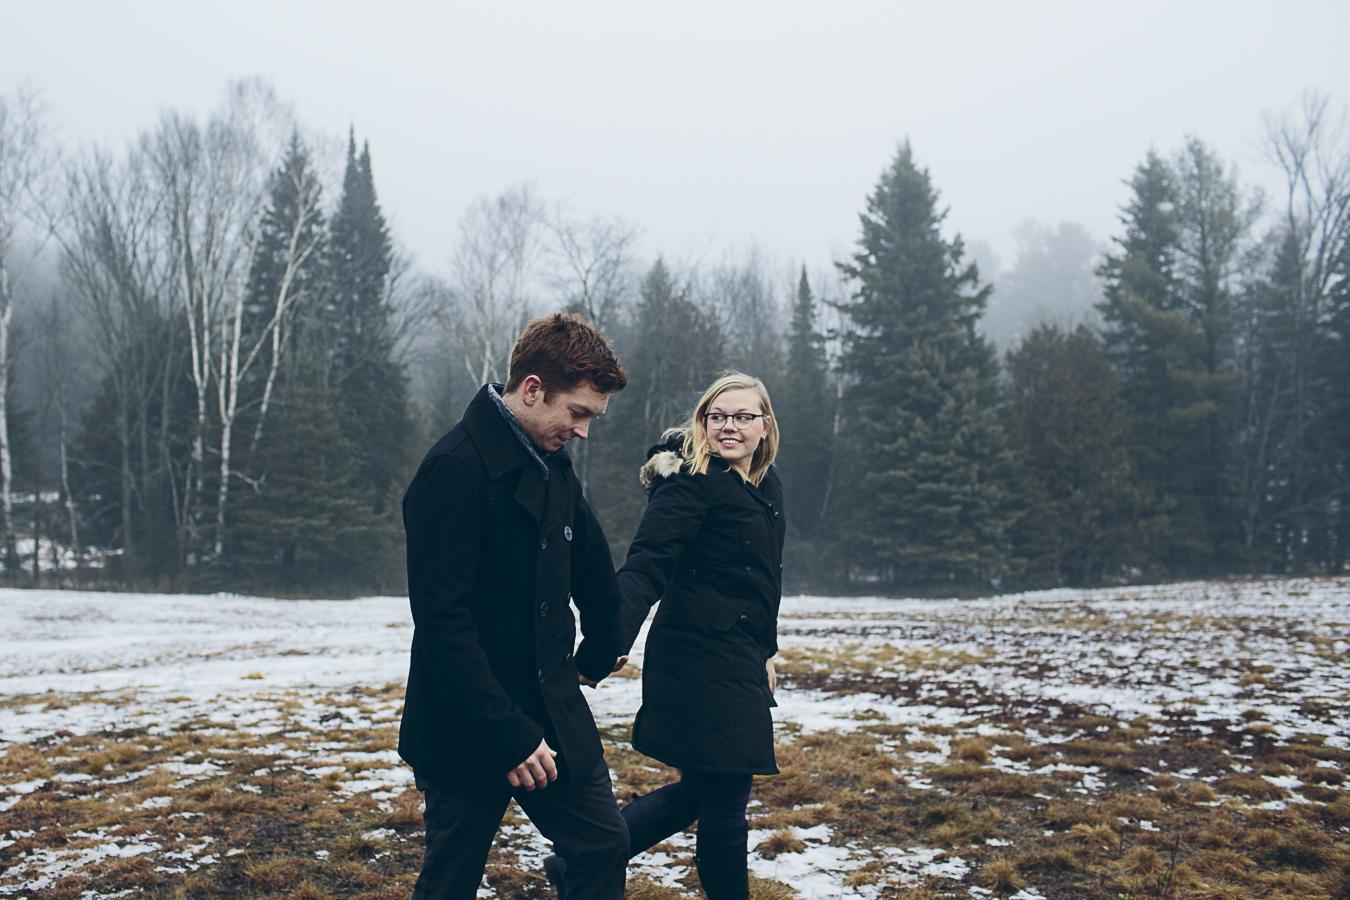 A cute couple in a snowy field